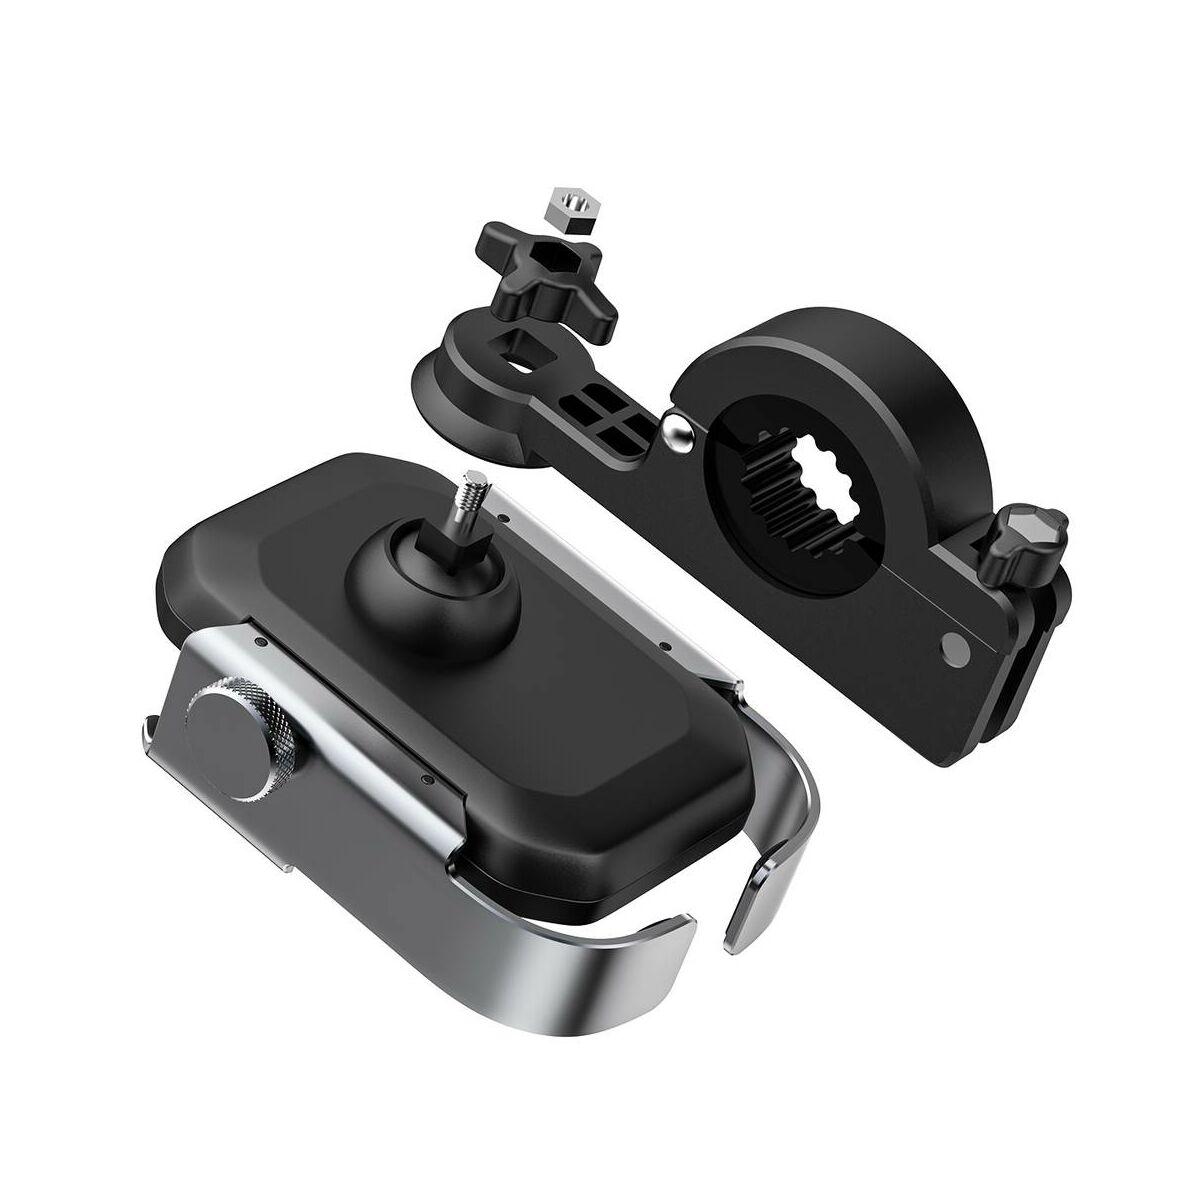 Baseus Motorbiciklire szerelhető Armor biztonságos telefontartó (biciklire is felszerelhető), ezüst (SUKJA-0S)